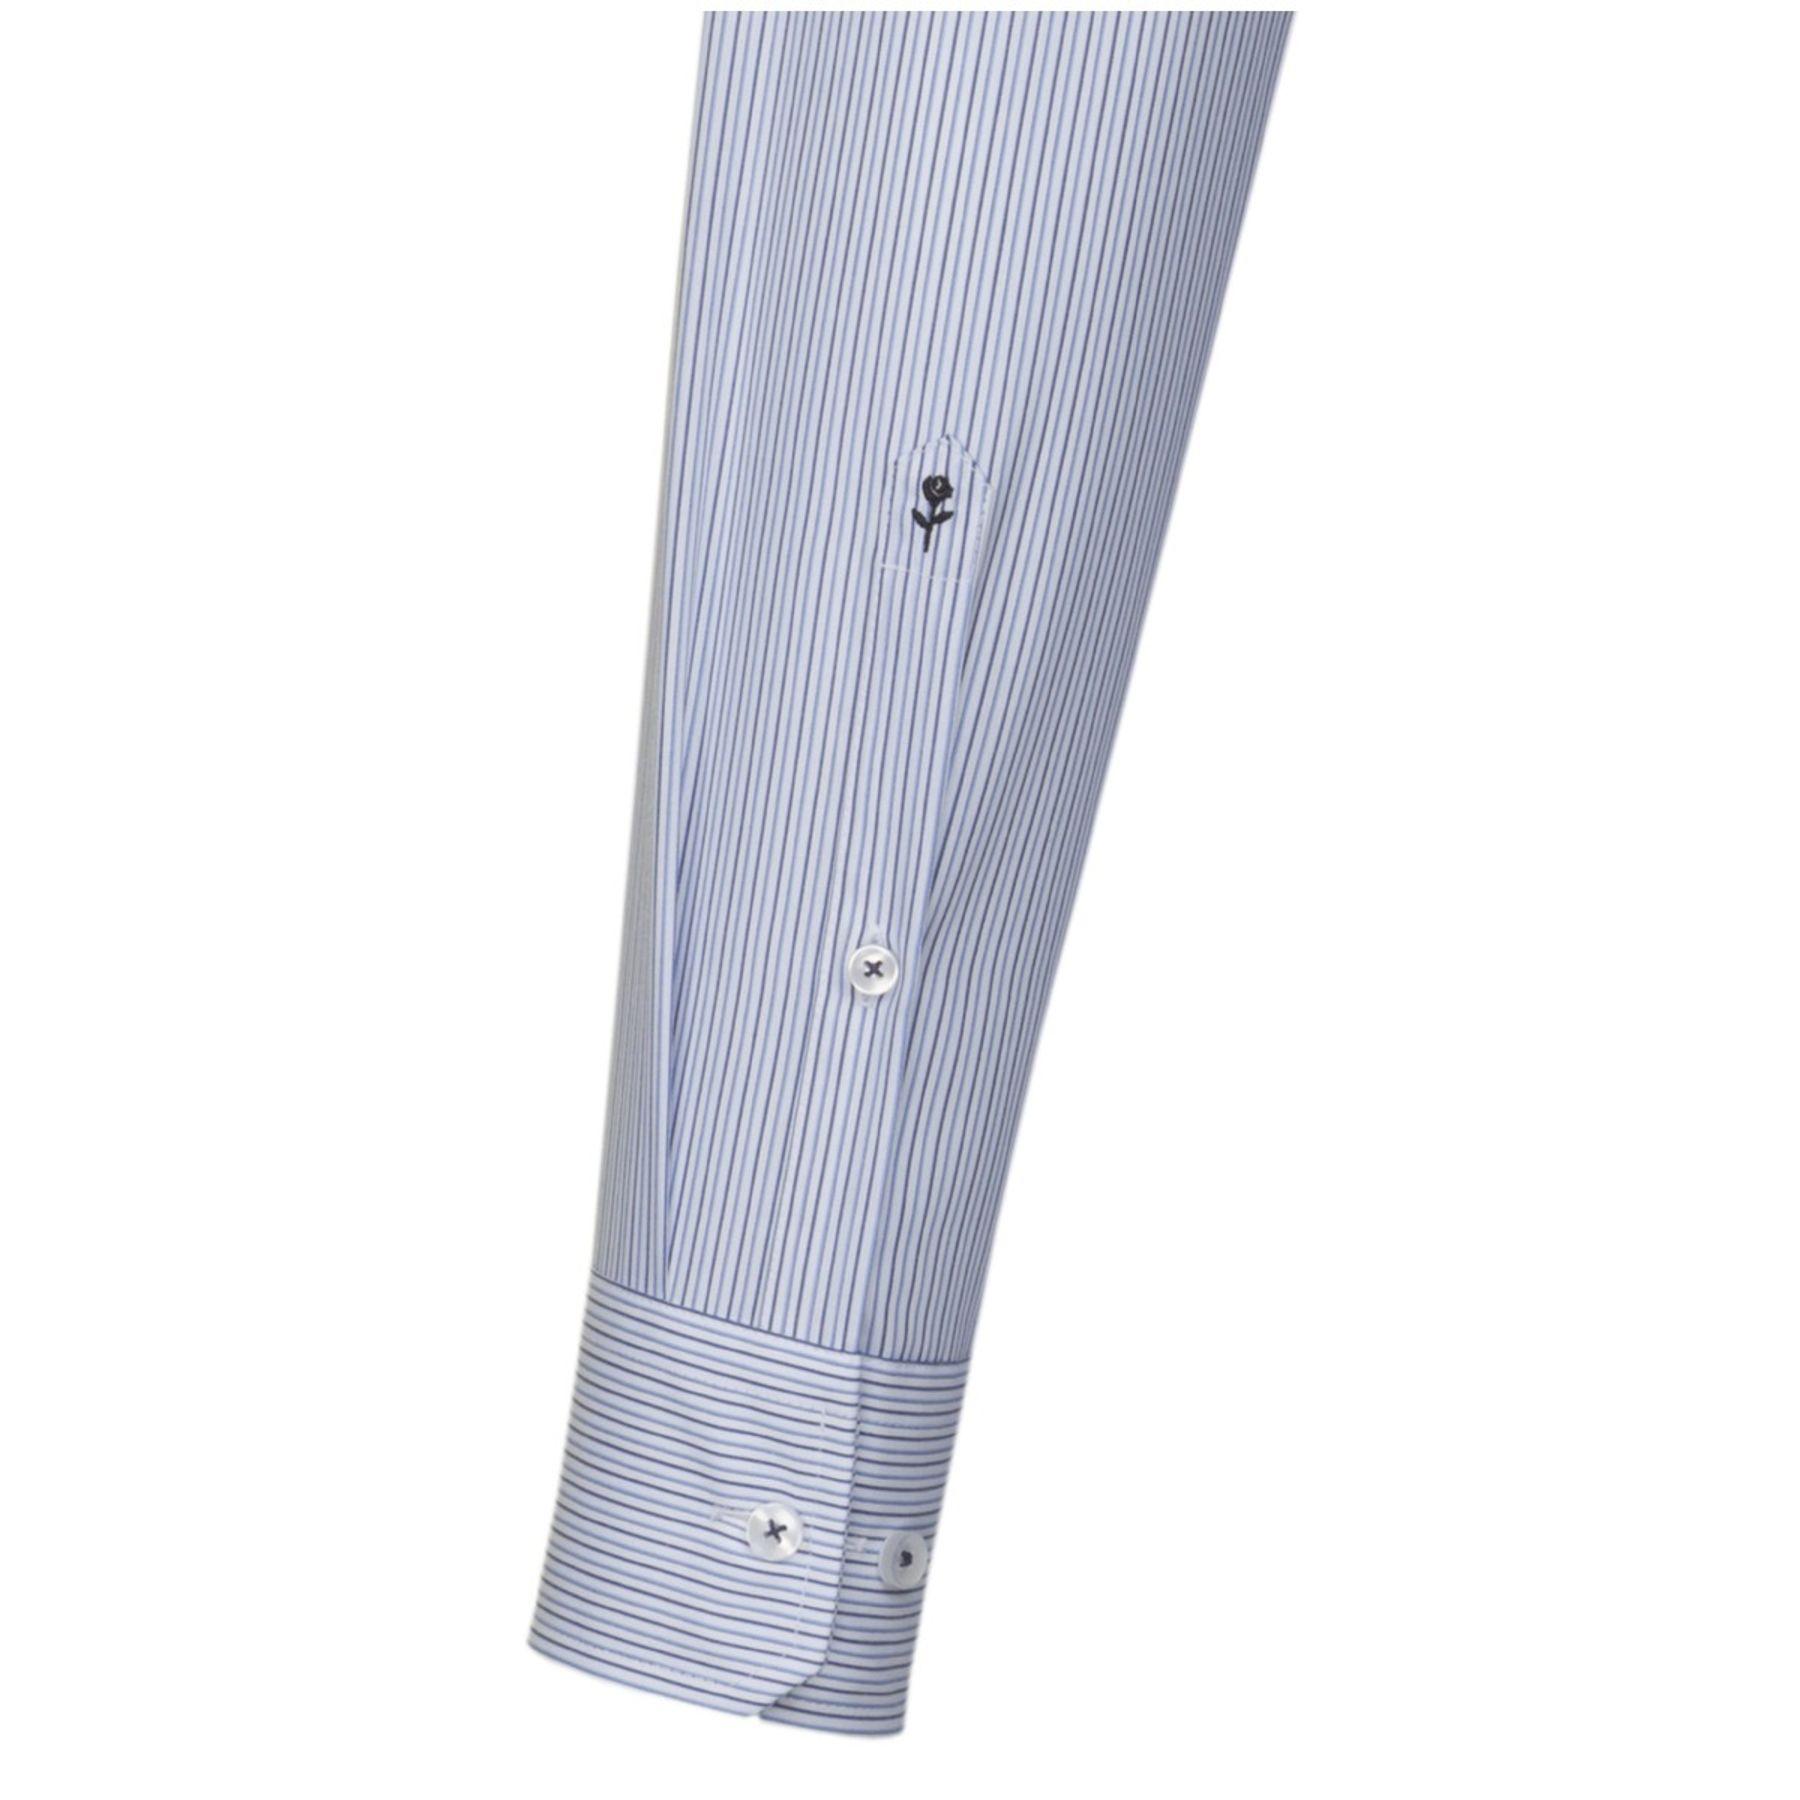 Seidensticker - Herren Hemd, Bügelfrei, Modern, Schwarze Rose mit Kent Kragen in Blau/Weiß gestreift (01.111860) – Bild 3